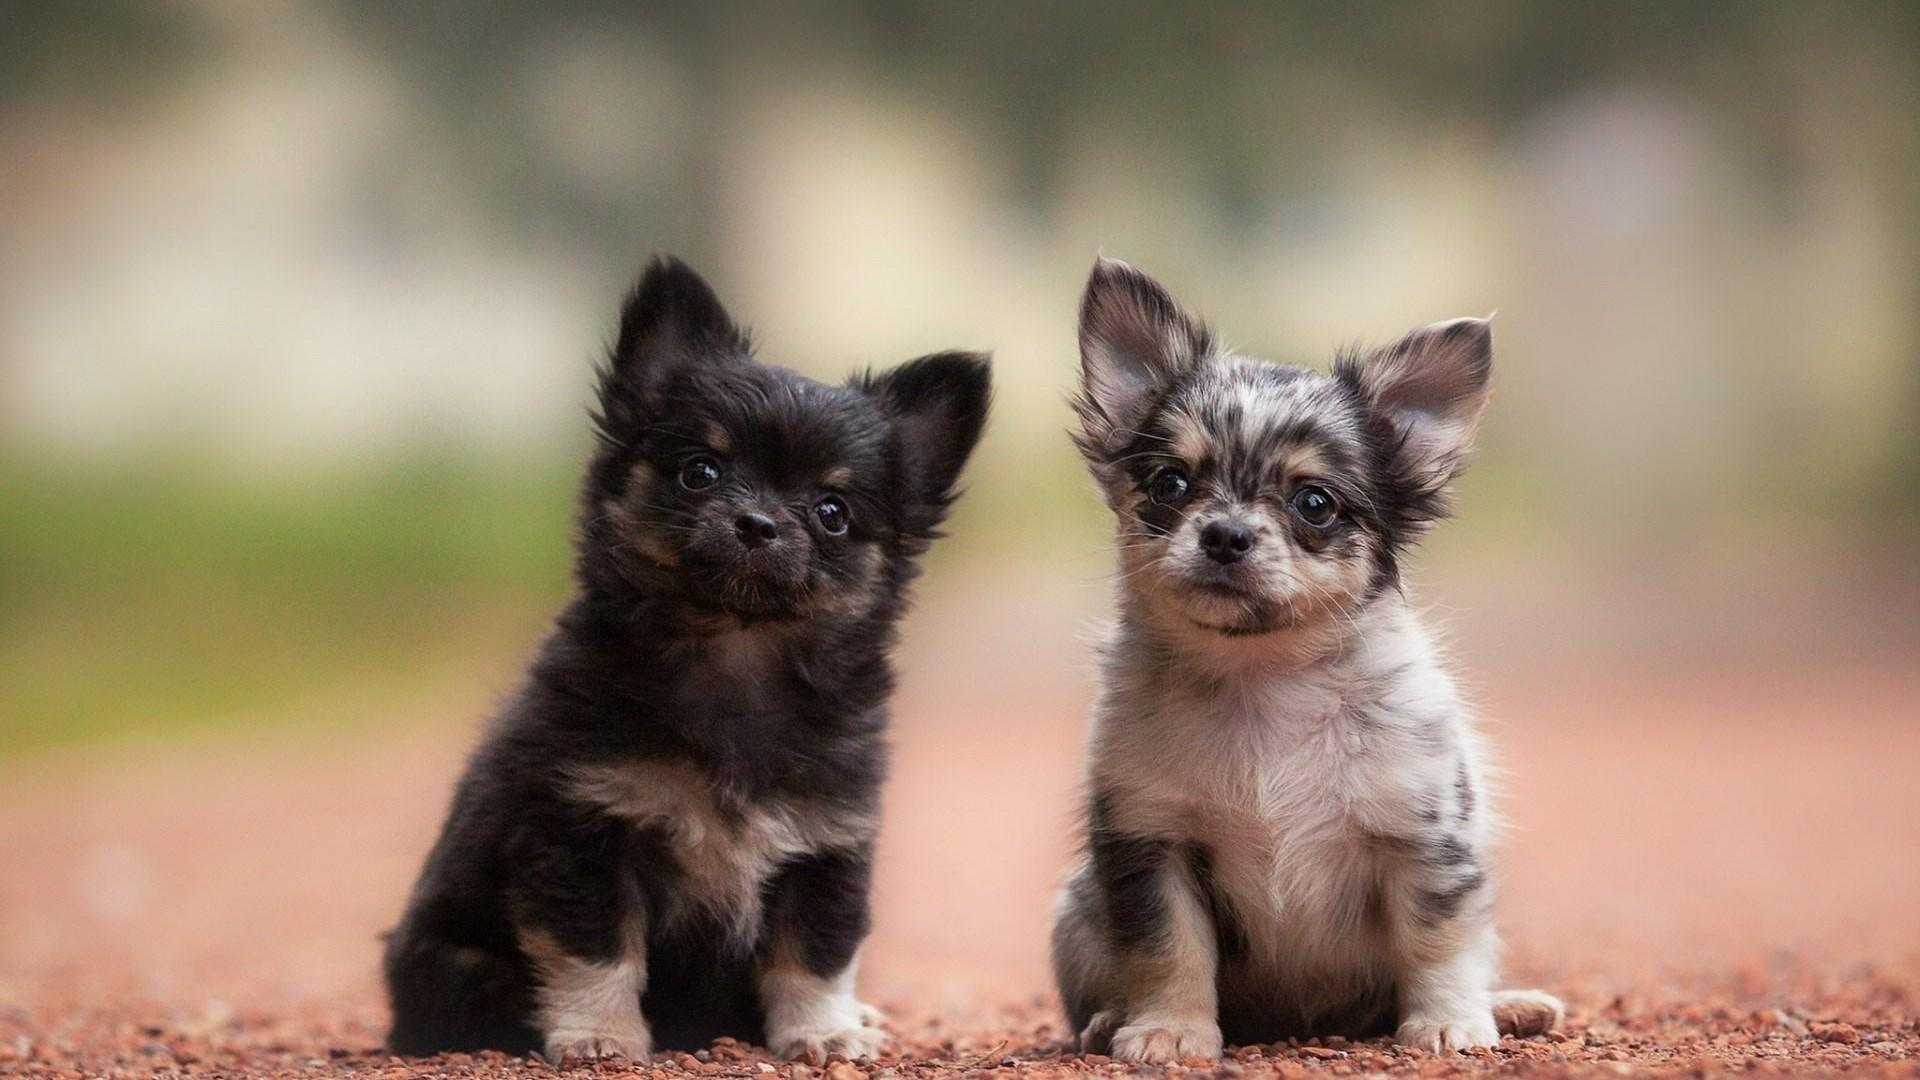 Res: 1920x1080, Chihuahua Puppies Wallpaper Desktop 15